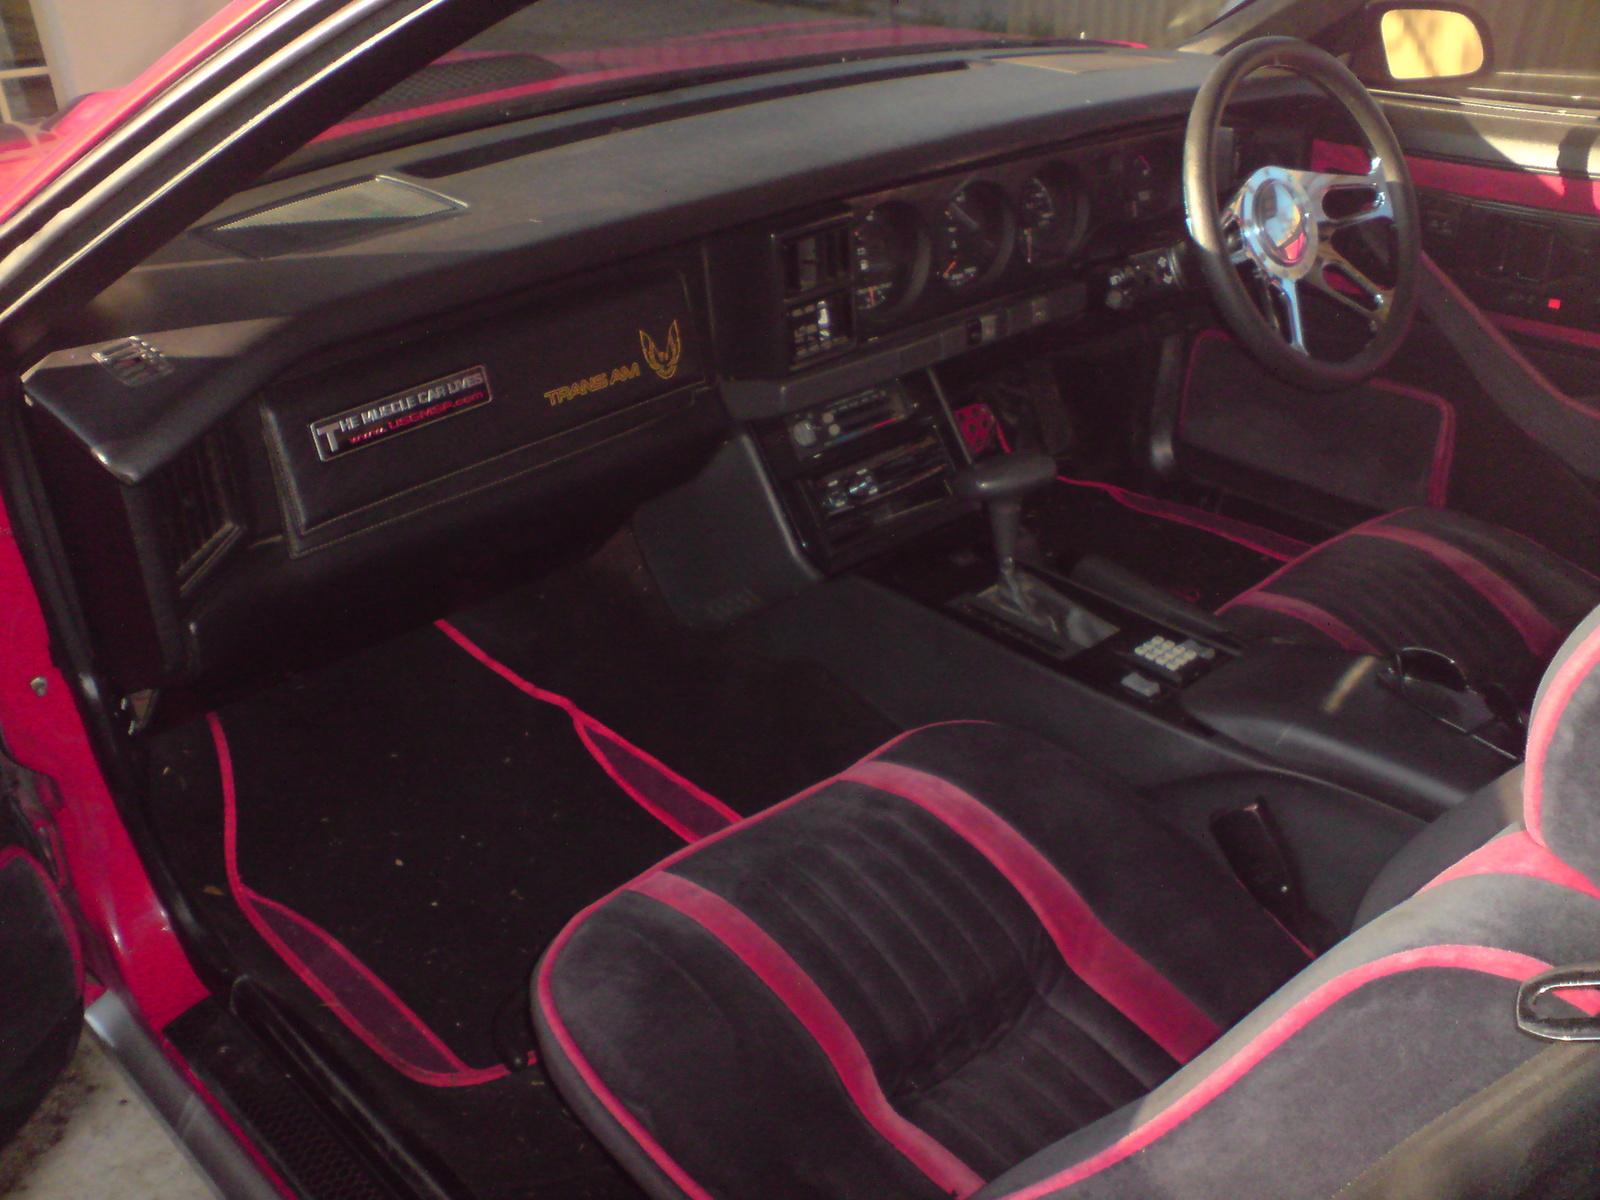 Used Pontiac Firebird Trans Am Gta Parts For Sale Autos Weblog